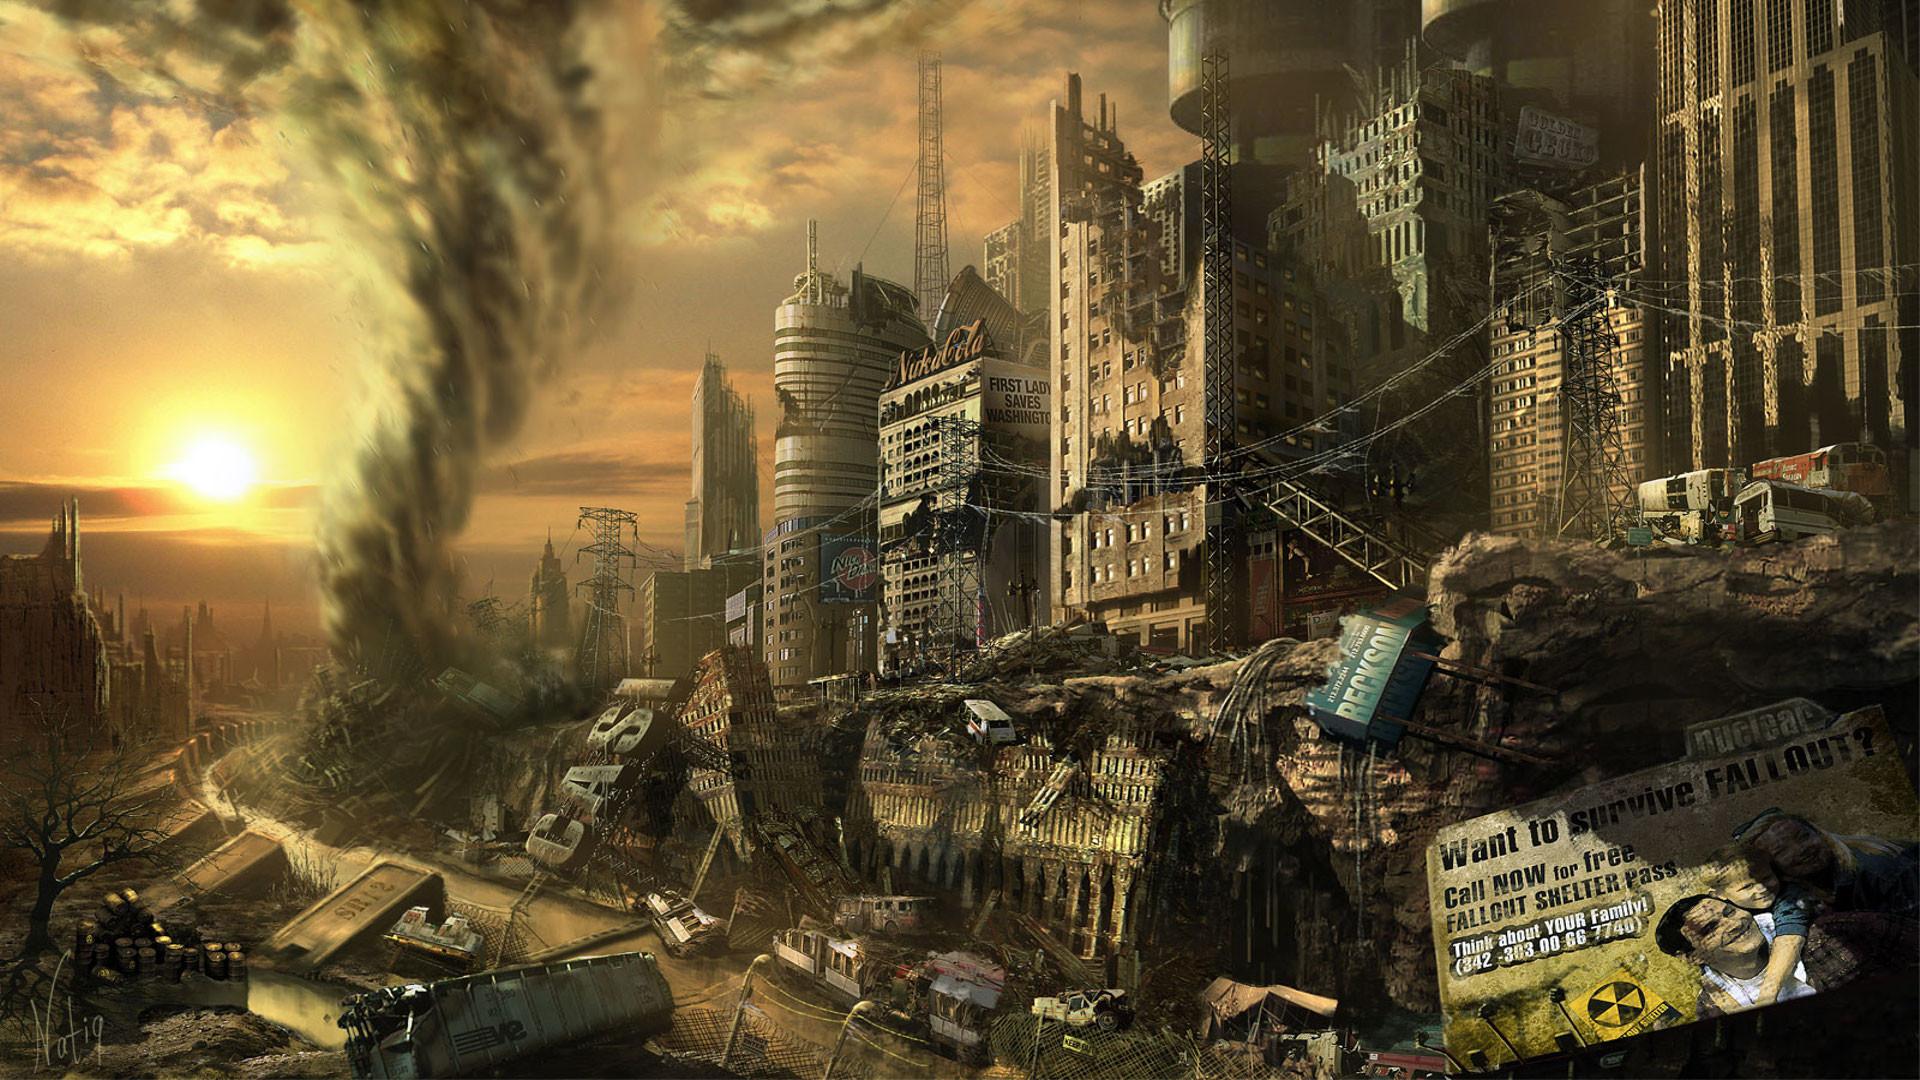 Fallout Wallpaper 25008